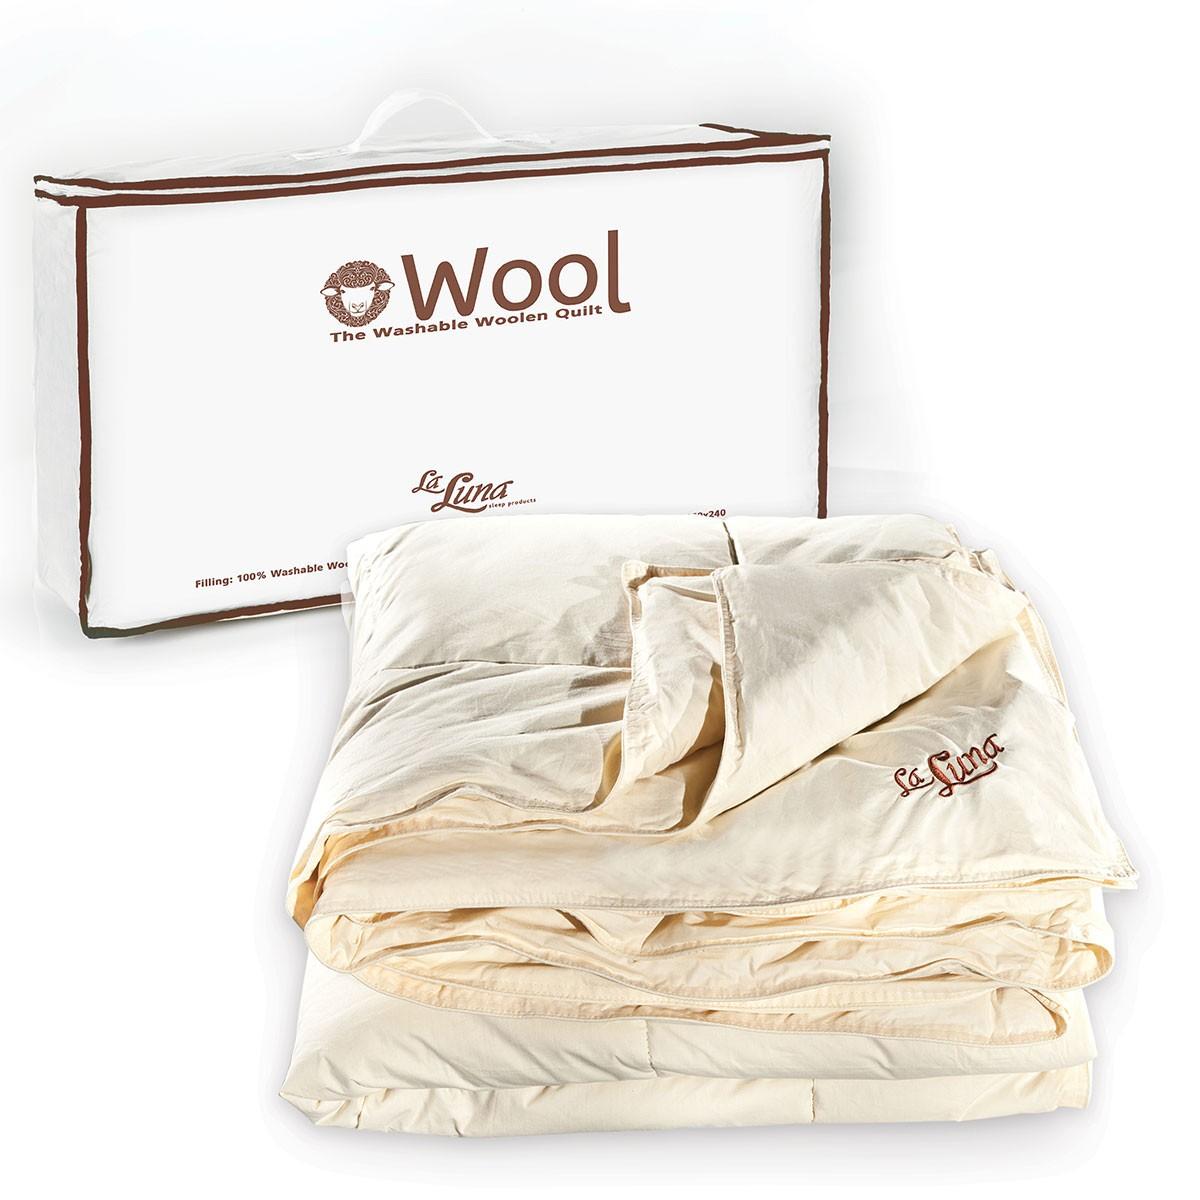 Πάπλωμα Μάλλινο Υπέρδιπλο La Luna Wool Quilt home   κρεβατοκάμαρα   παπλώματα   παπλώματα μάλλινα